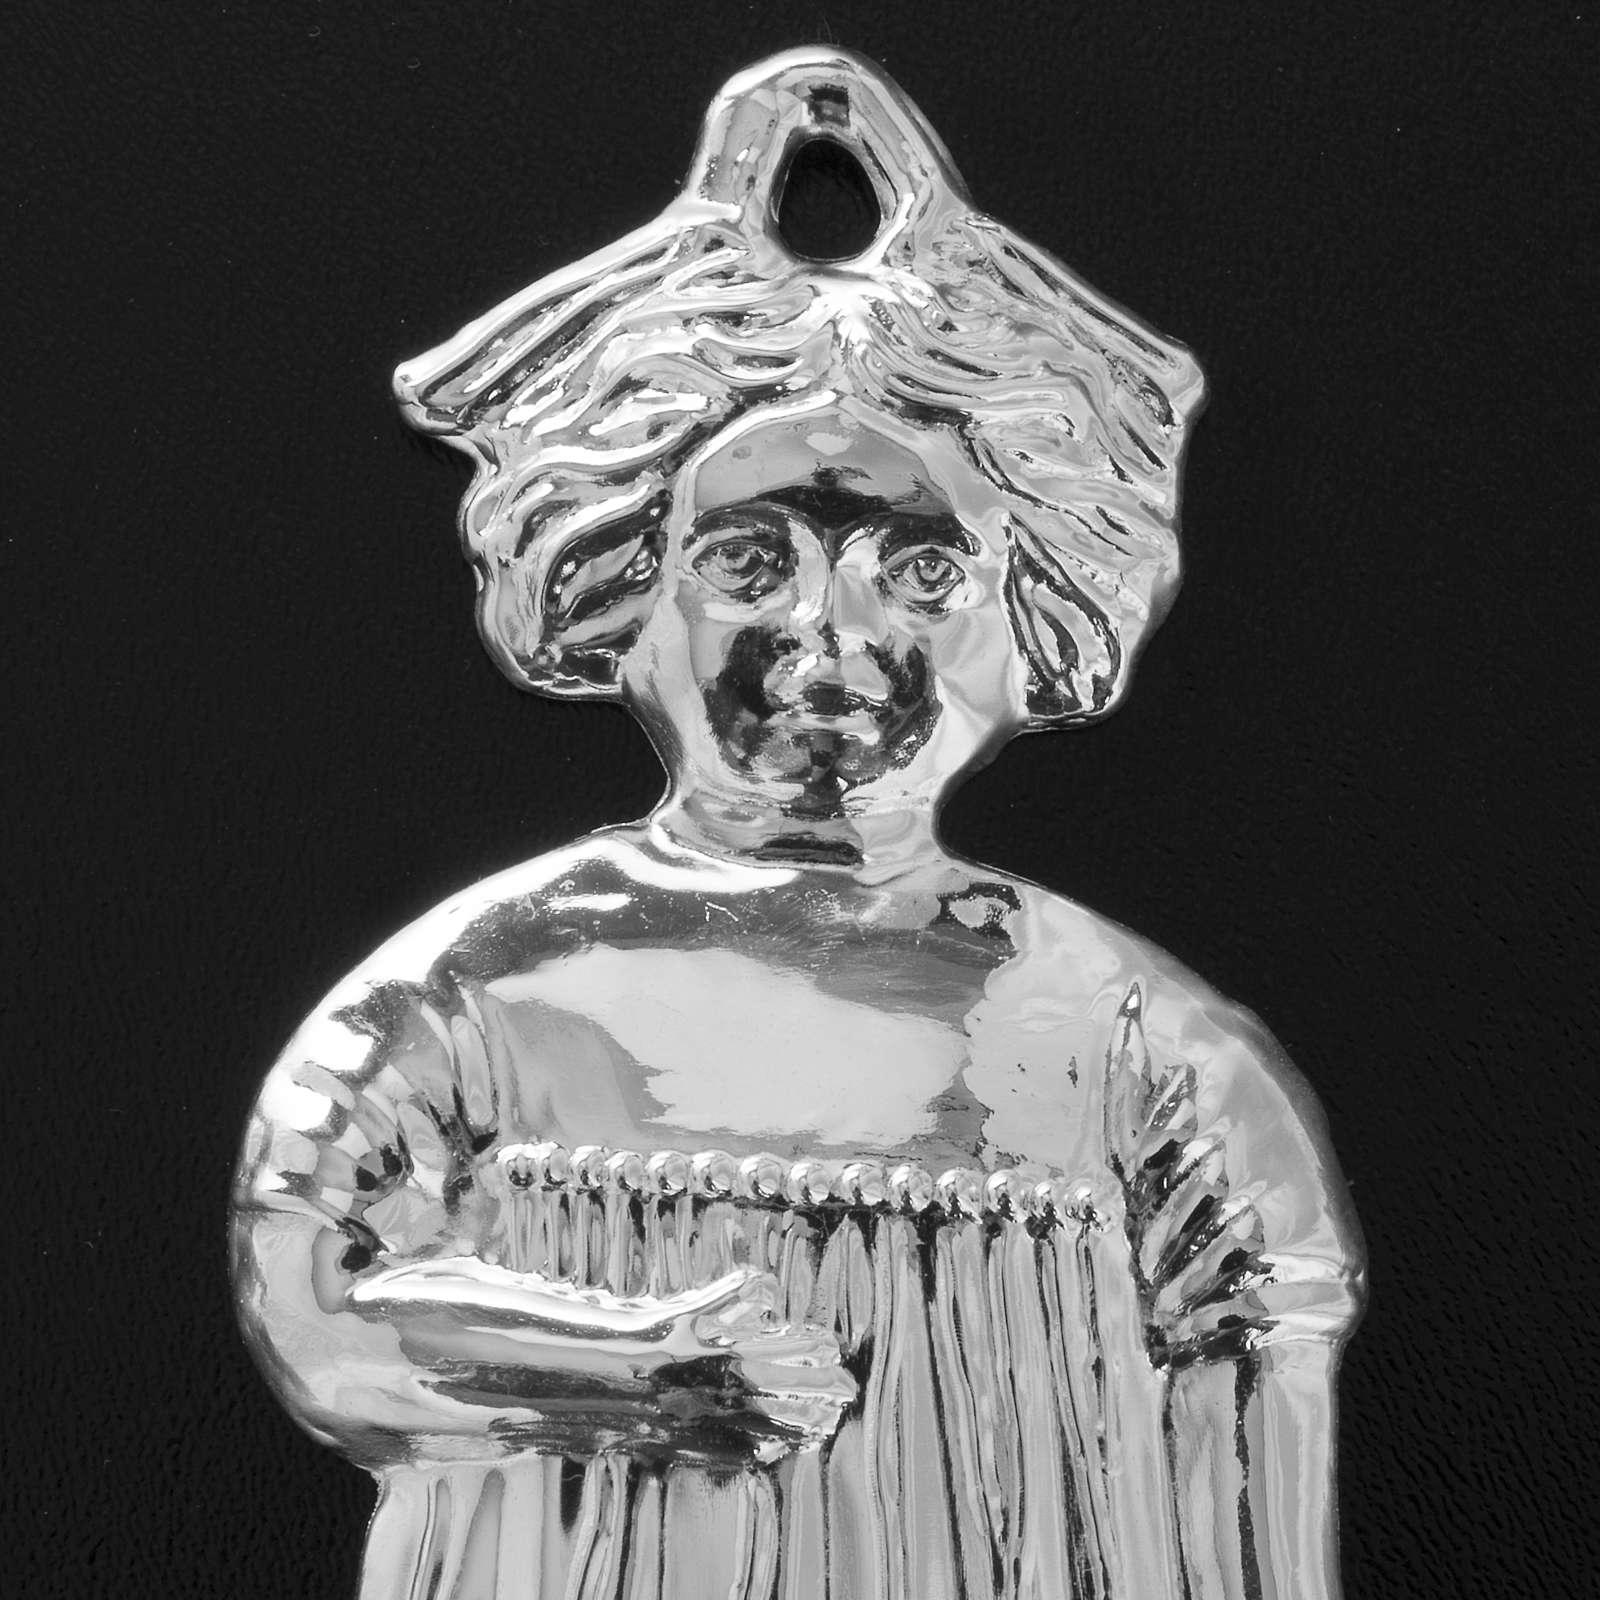 Ex voto bambina antica argento 925 o metallo 13 cm 3